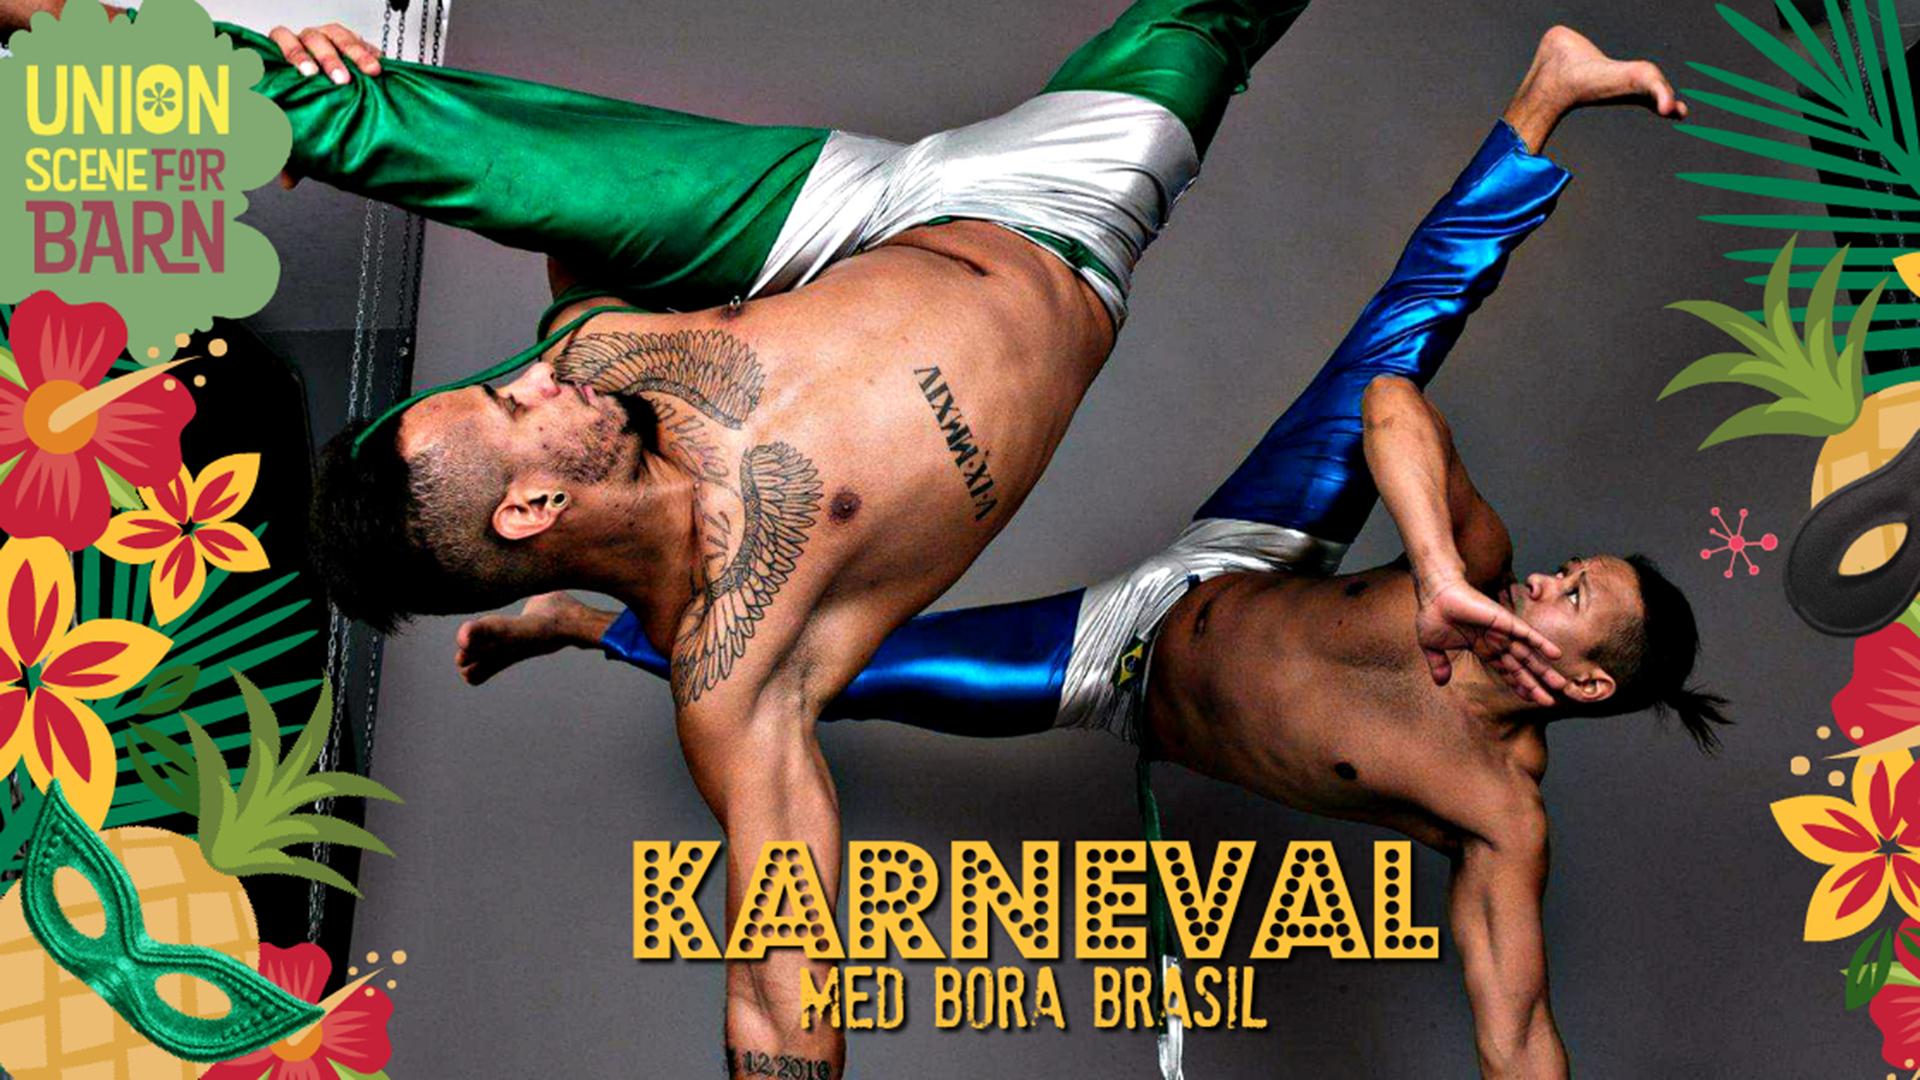 Karneval med Bora Brasil